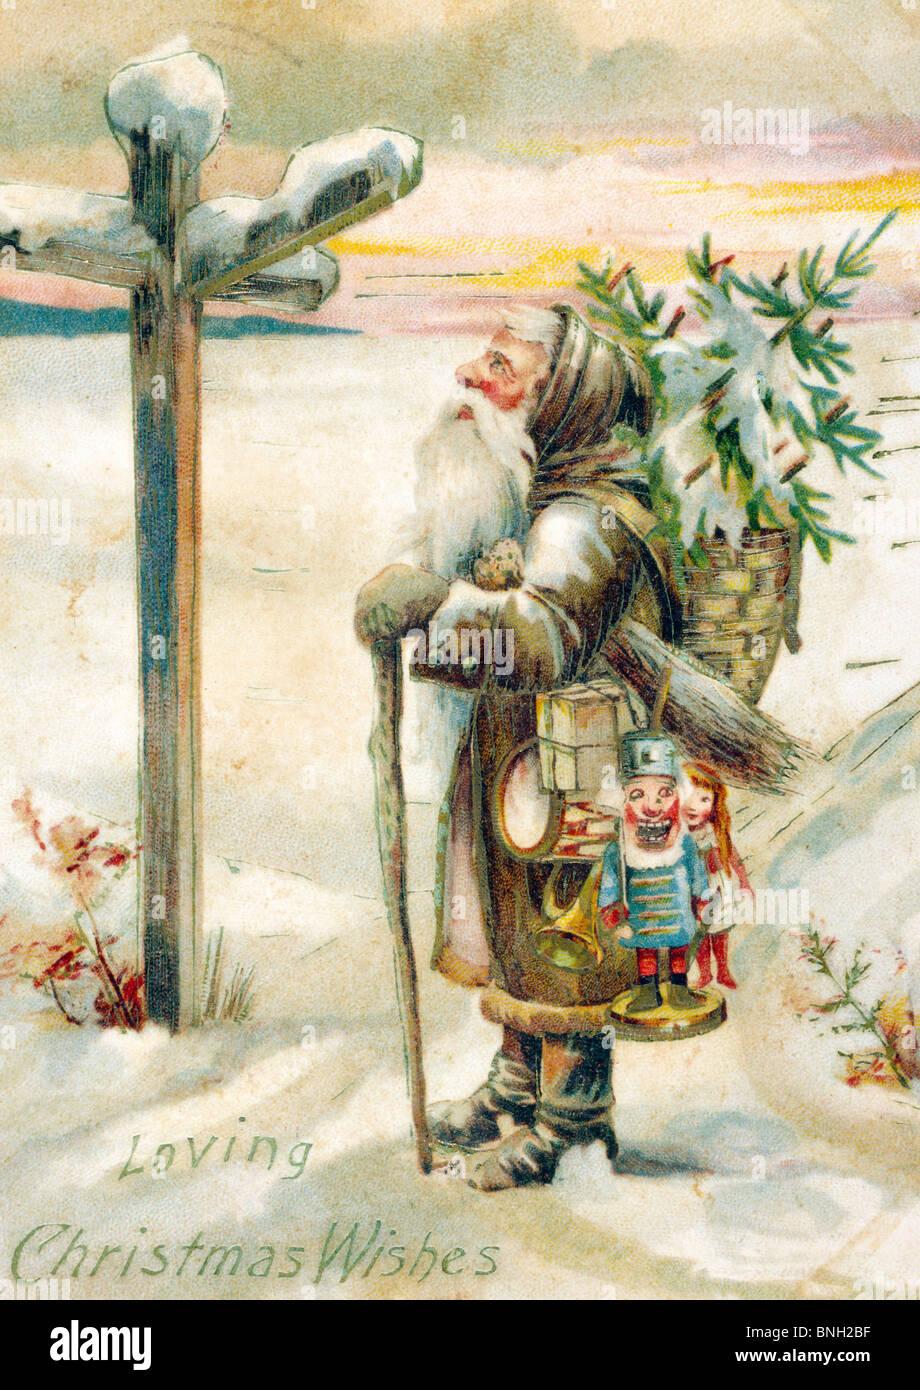 Weihnachtswunsche auf karten